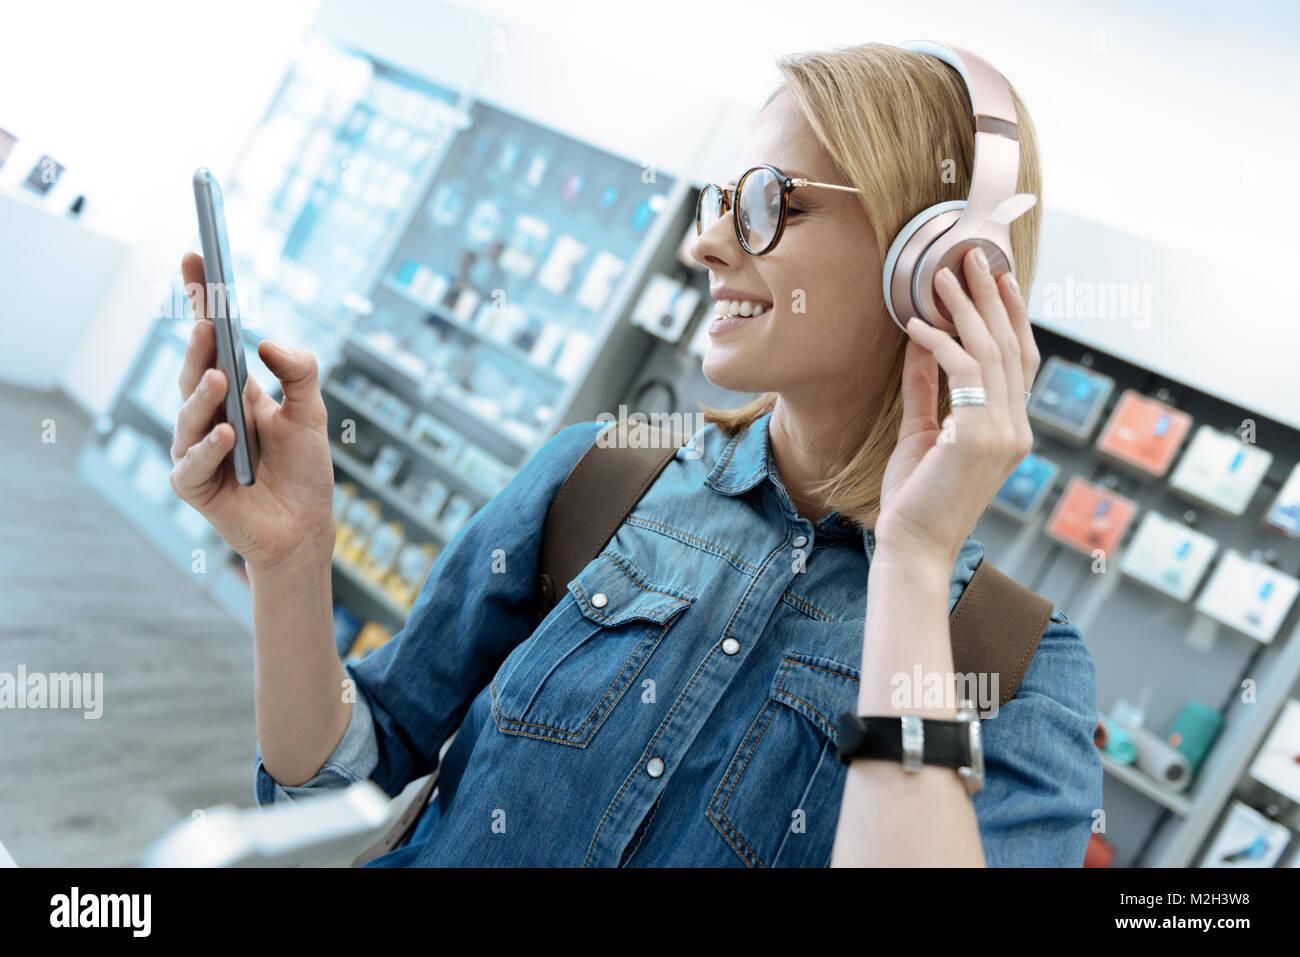 Chica alegre expresando positividad en shop Imagen De Stock